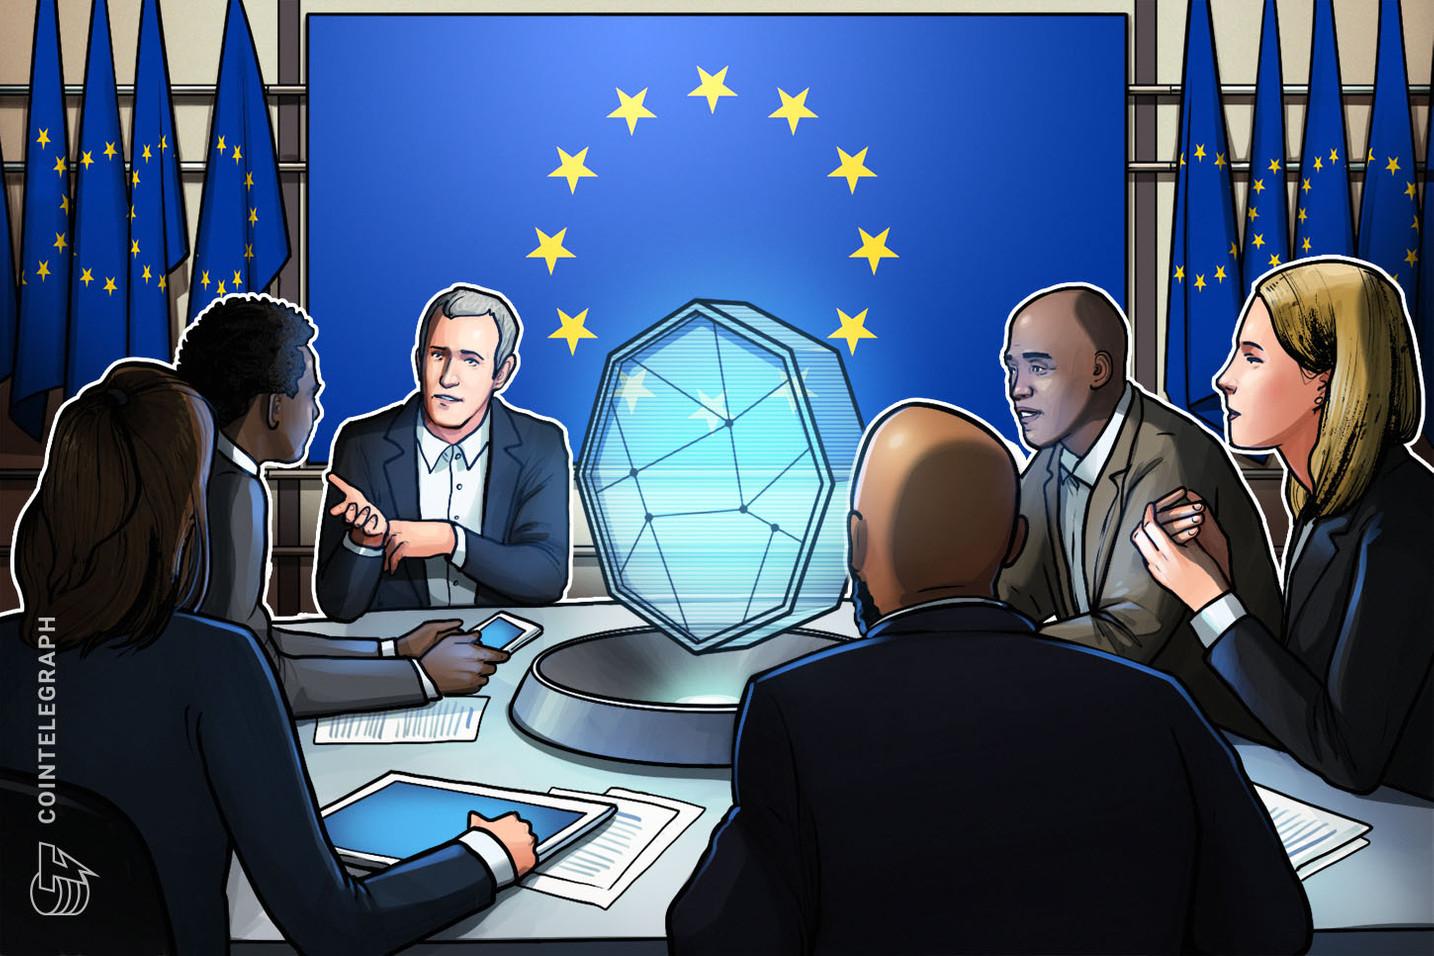 中国を警戒か「ECBはデジタル通貨の発行検討を」EUが提言へ|仮想通貨規制で「共通のアプローチ」促す【ニュース】